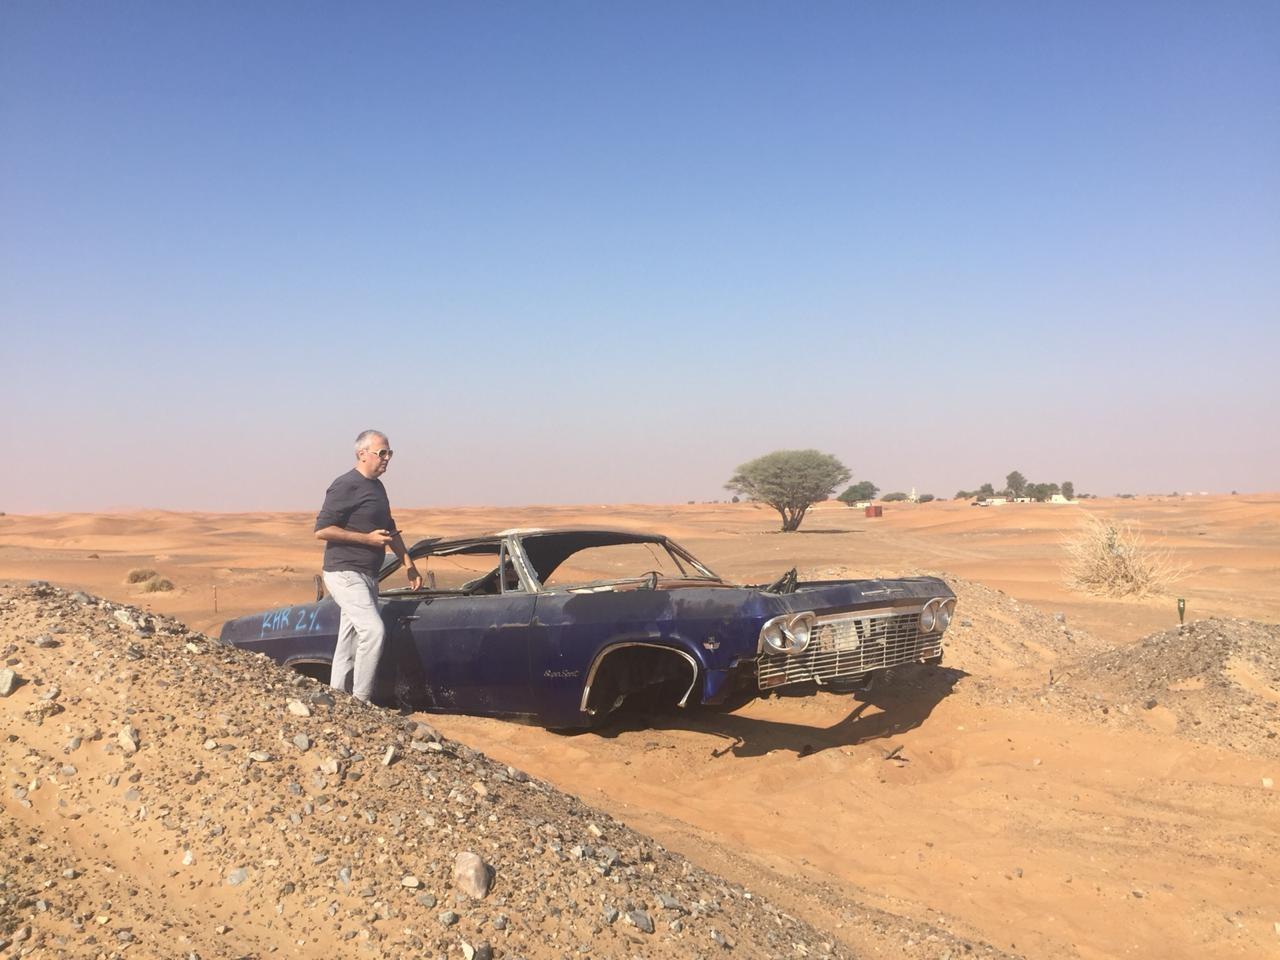 Akram Zaatari, The Making of 'The Landing' (2019)